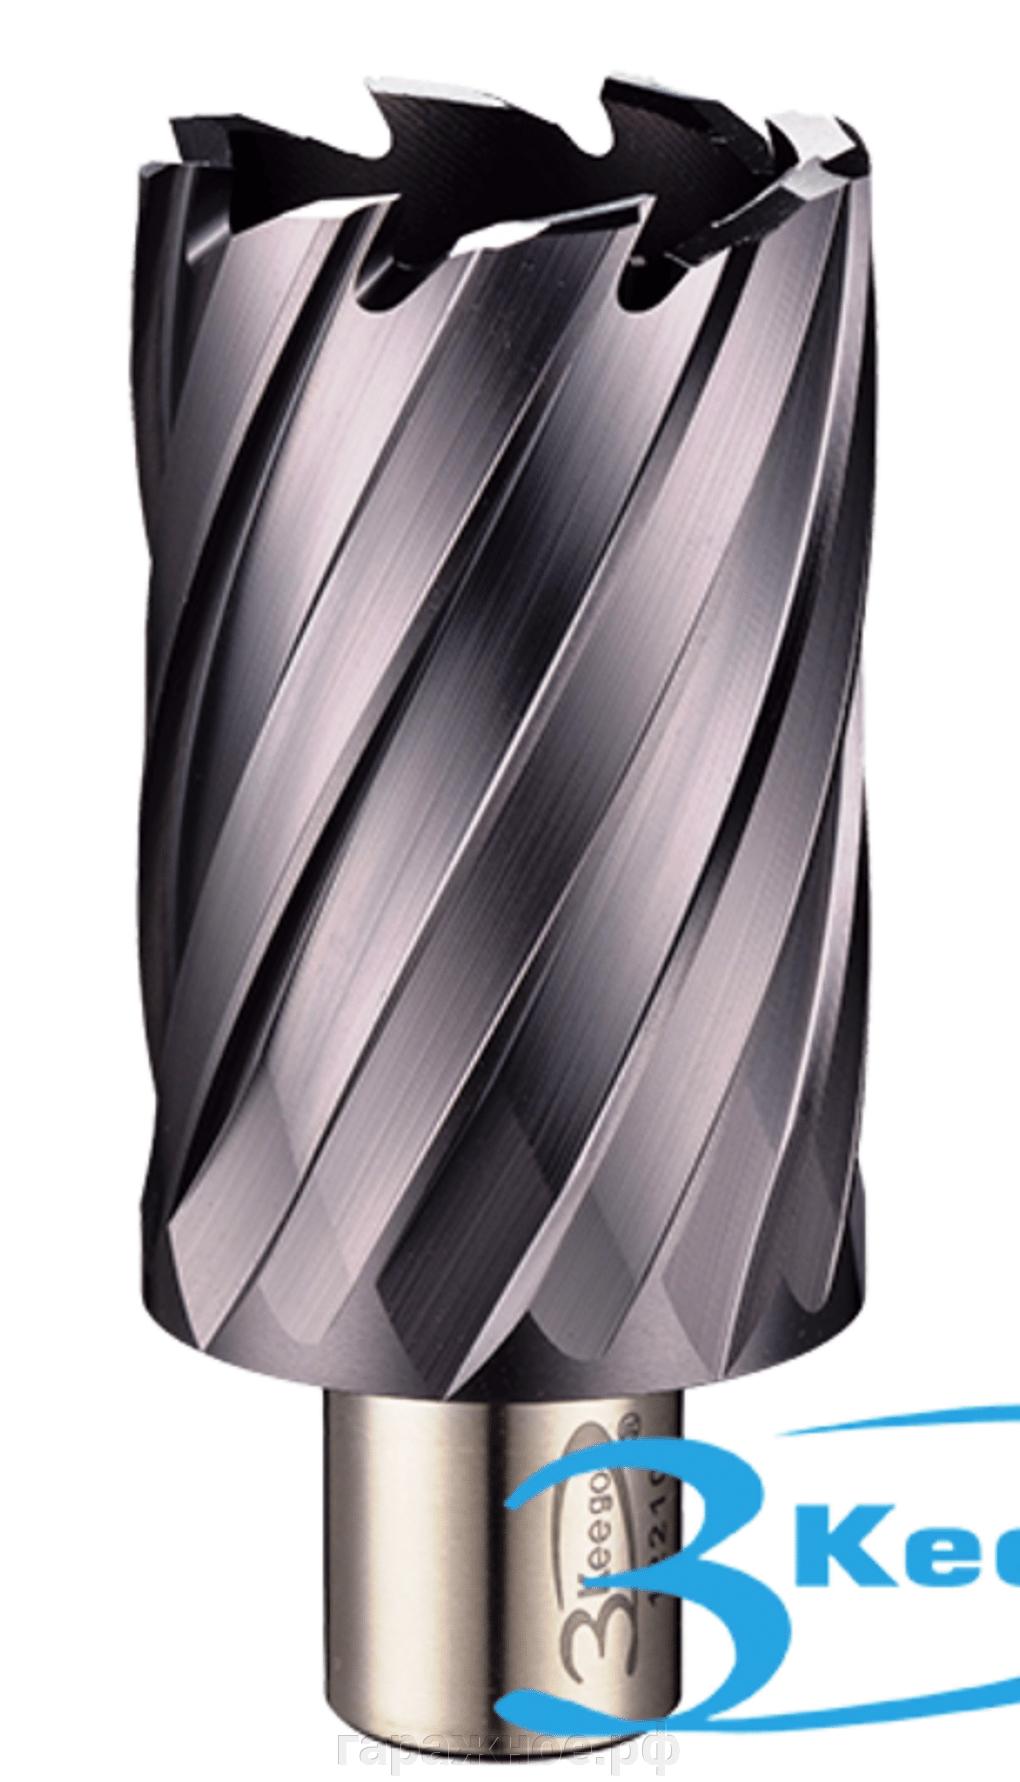 Кольцевая фреза по металлу (корончатое сверло из быстрорежущей стали)